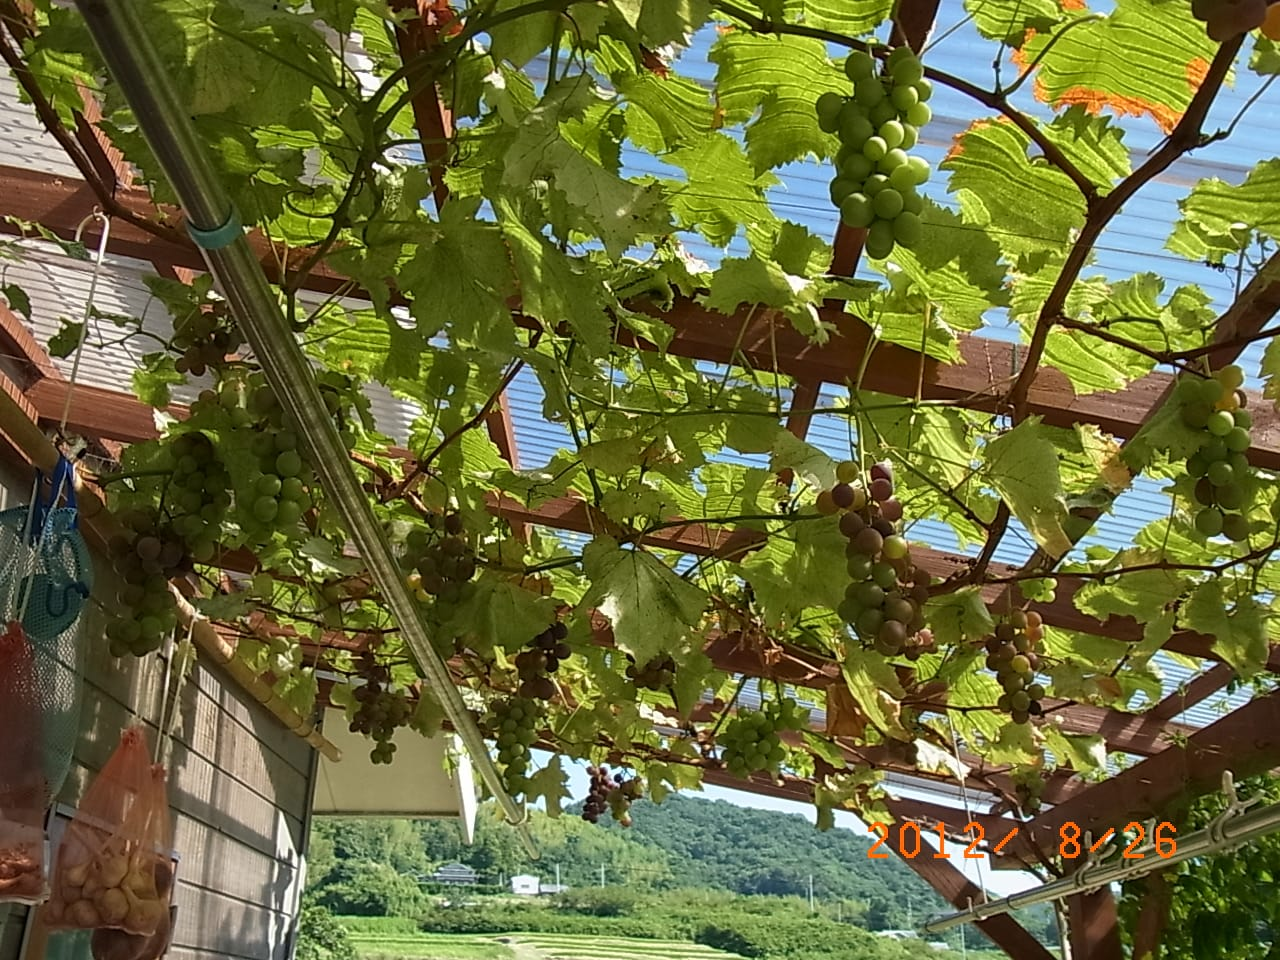 ウッドデッキ屋根下のブドウ棚